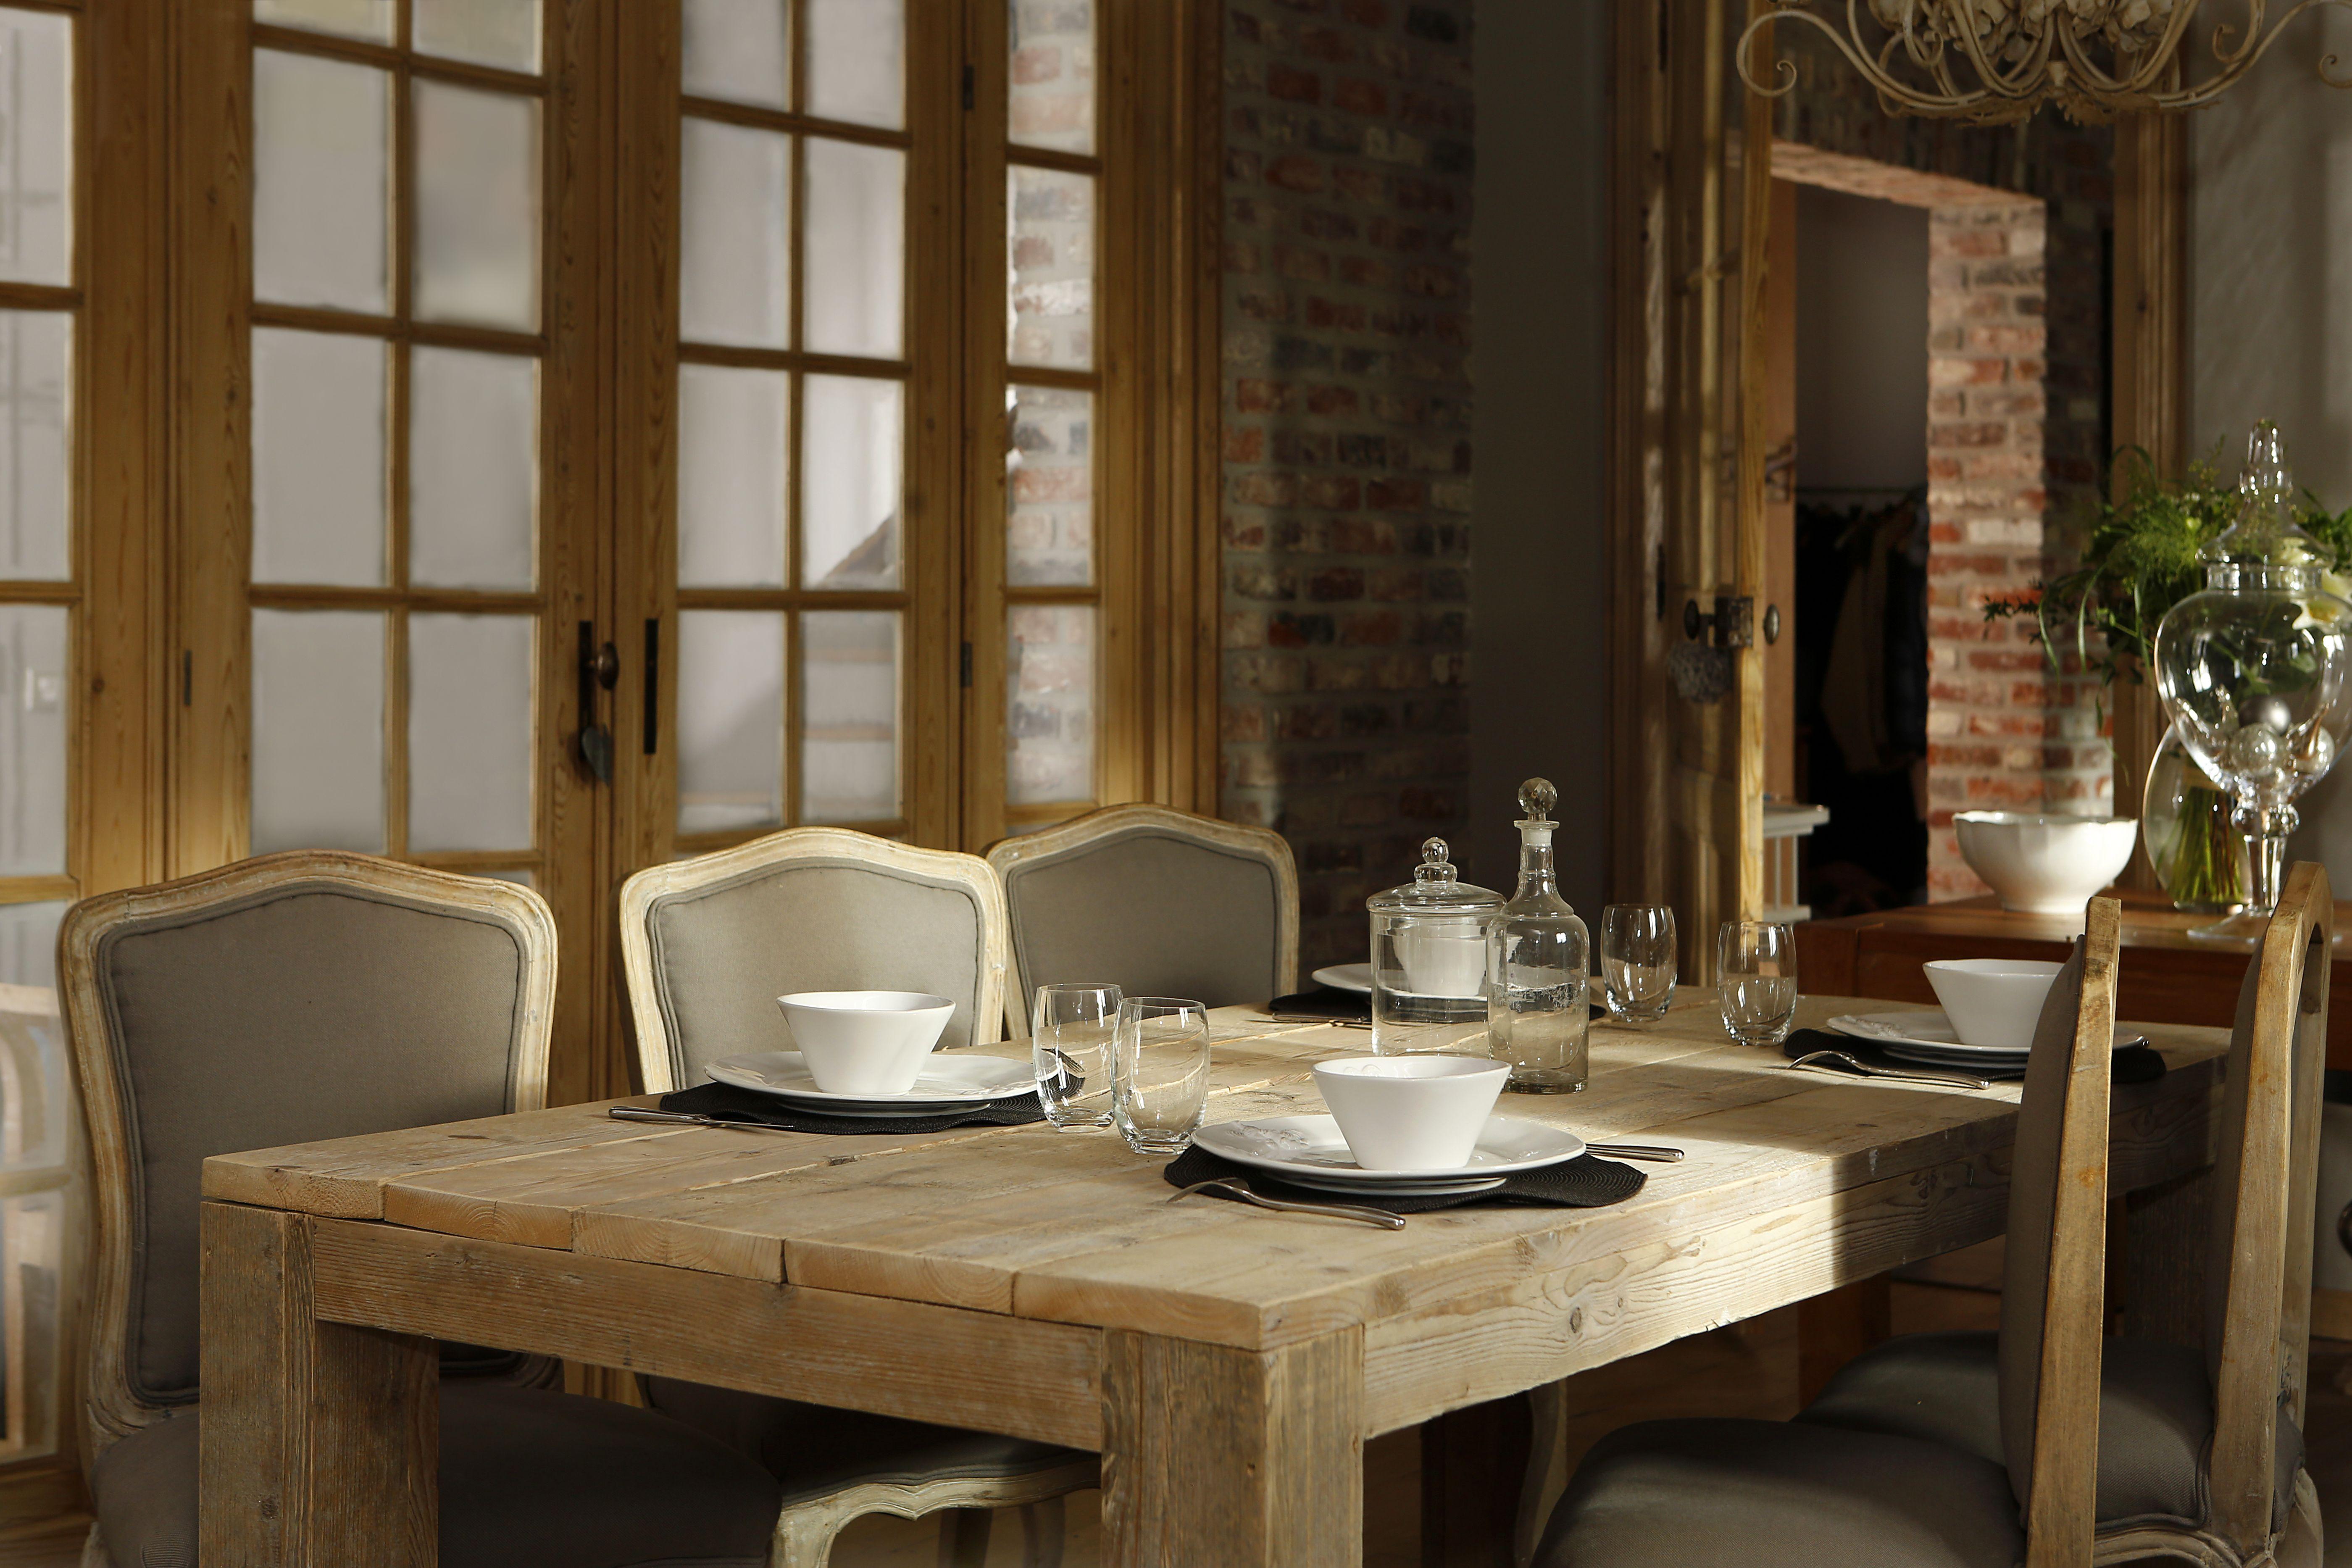 Ambiance cosy et shabby chic pour cette salle manger table en bois de r cup ration et chaises - Salle a manger shabby chic ...